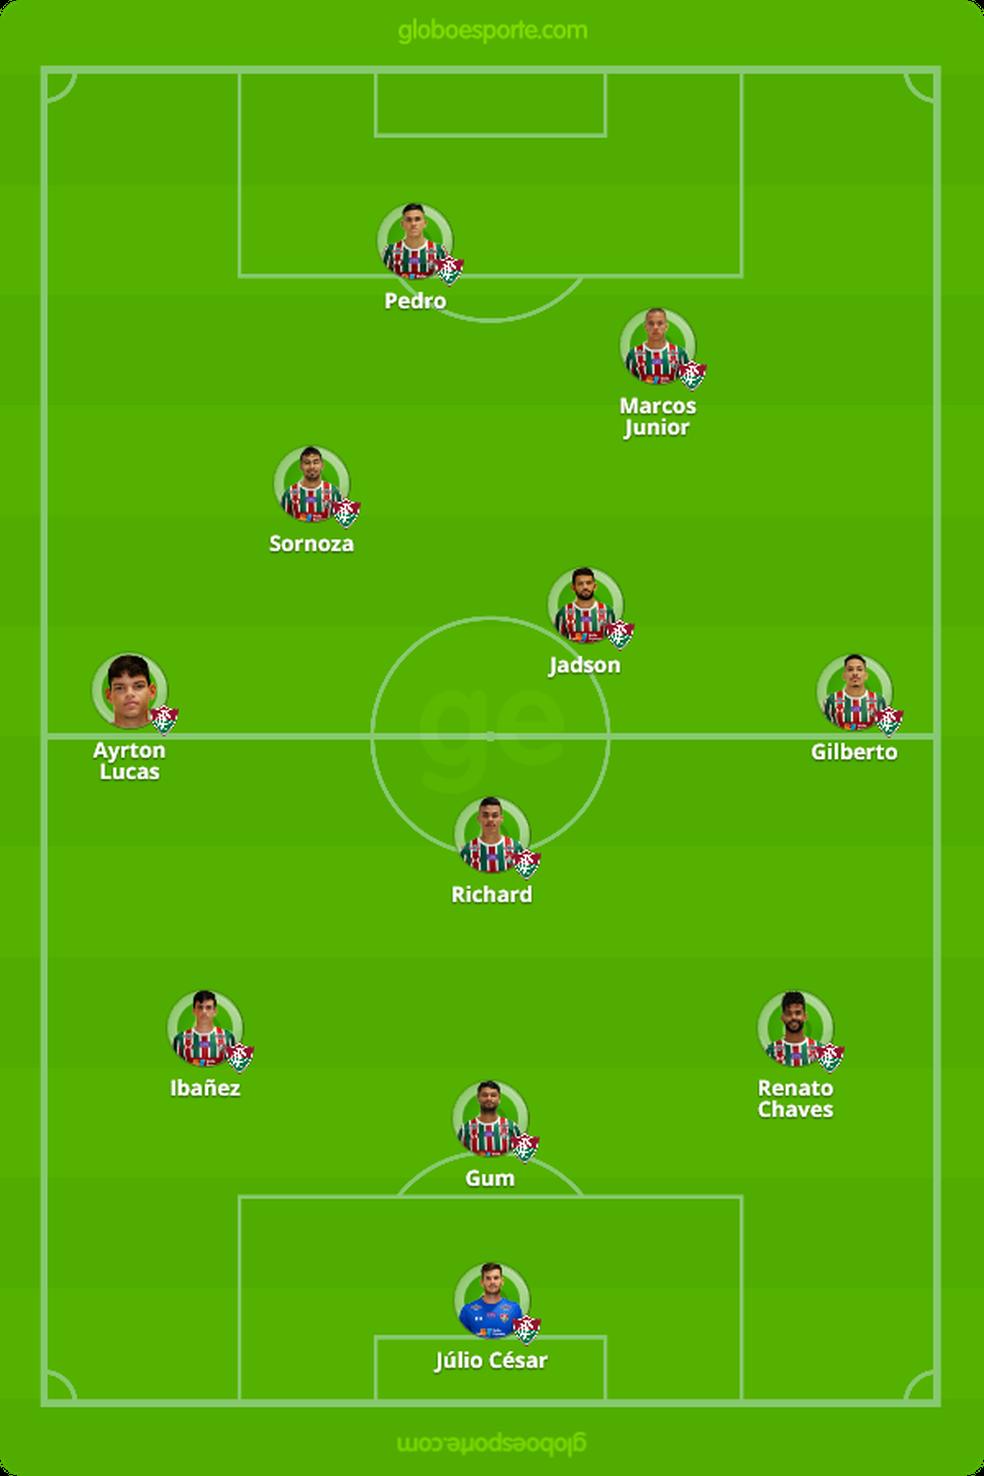 Provável escalação do Fluminense em clássico contra o Vasco (Foto: GloboEsporte.com)